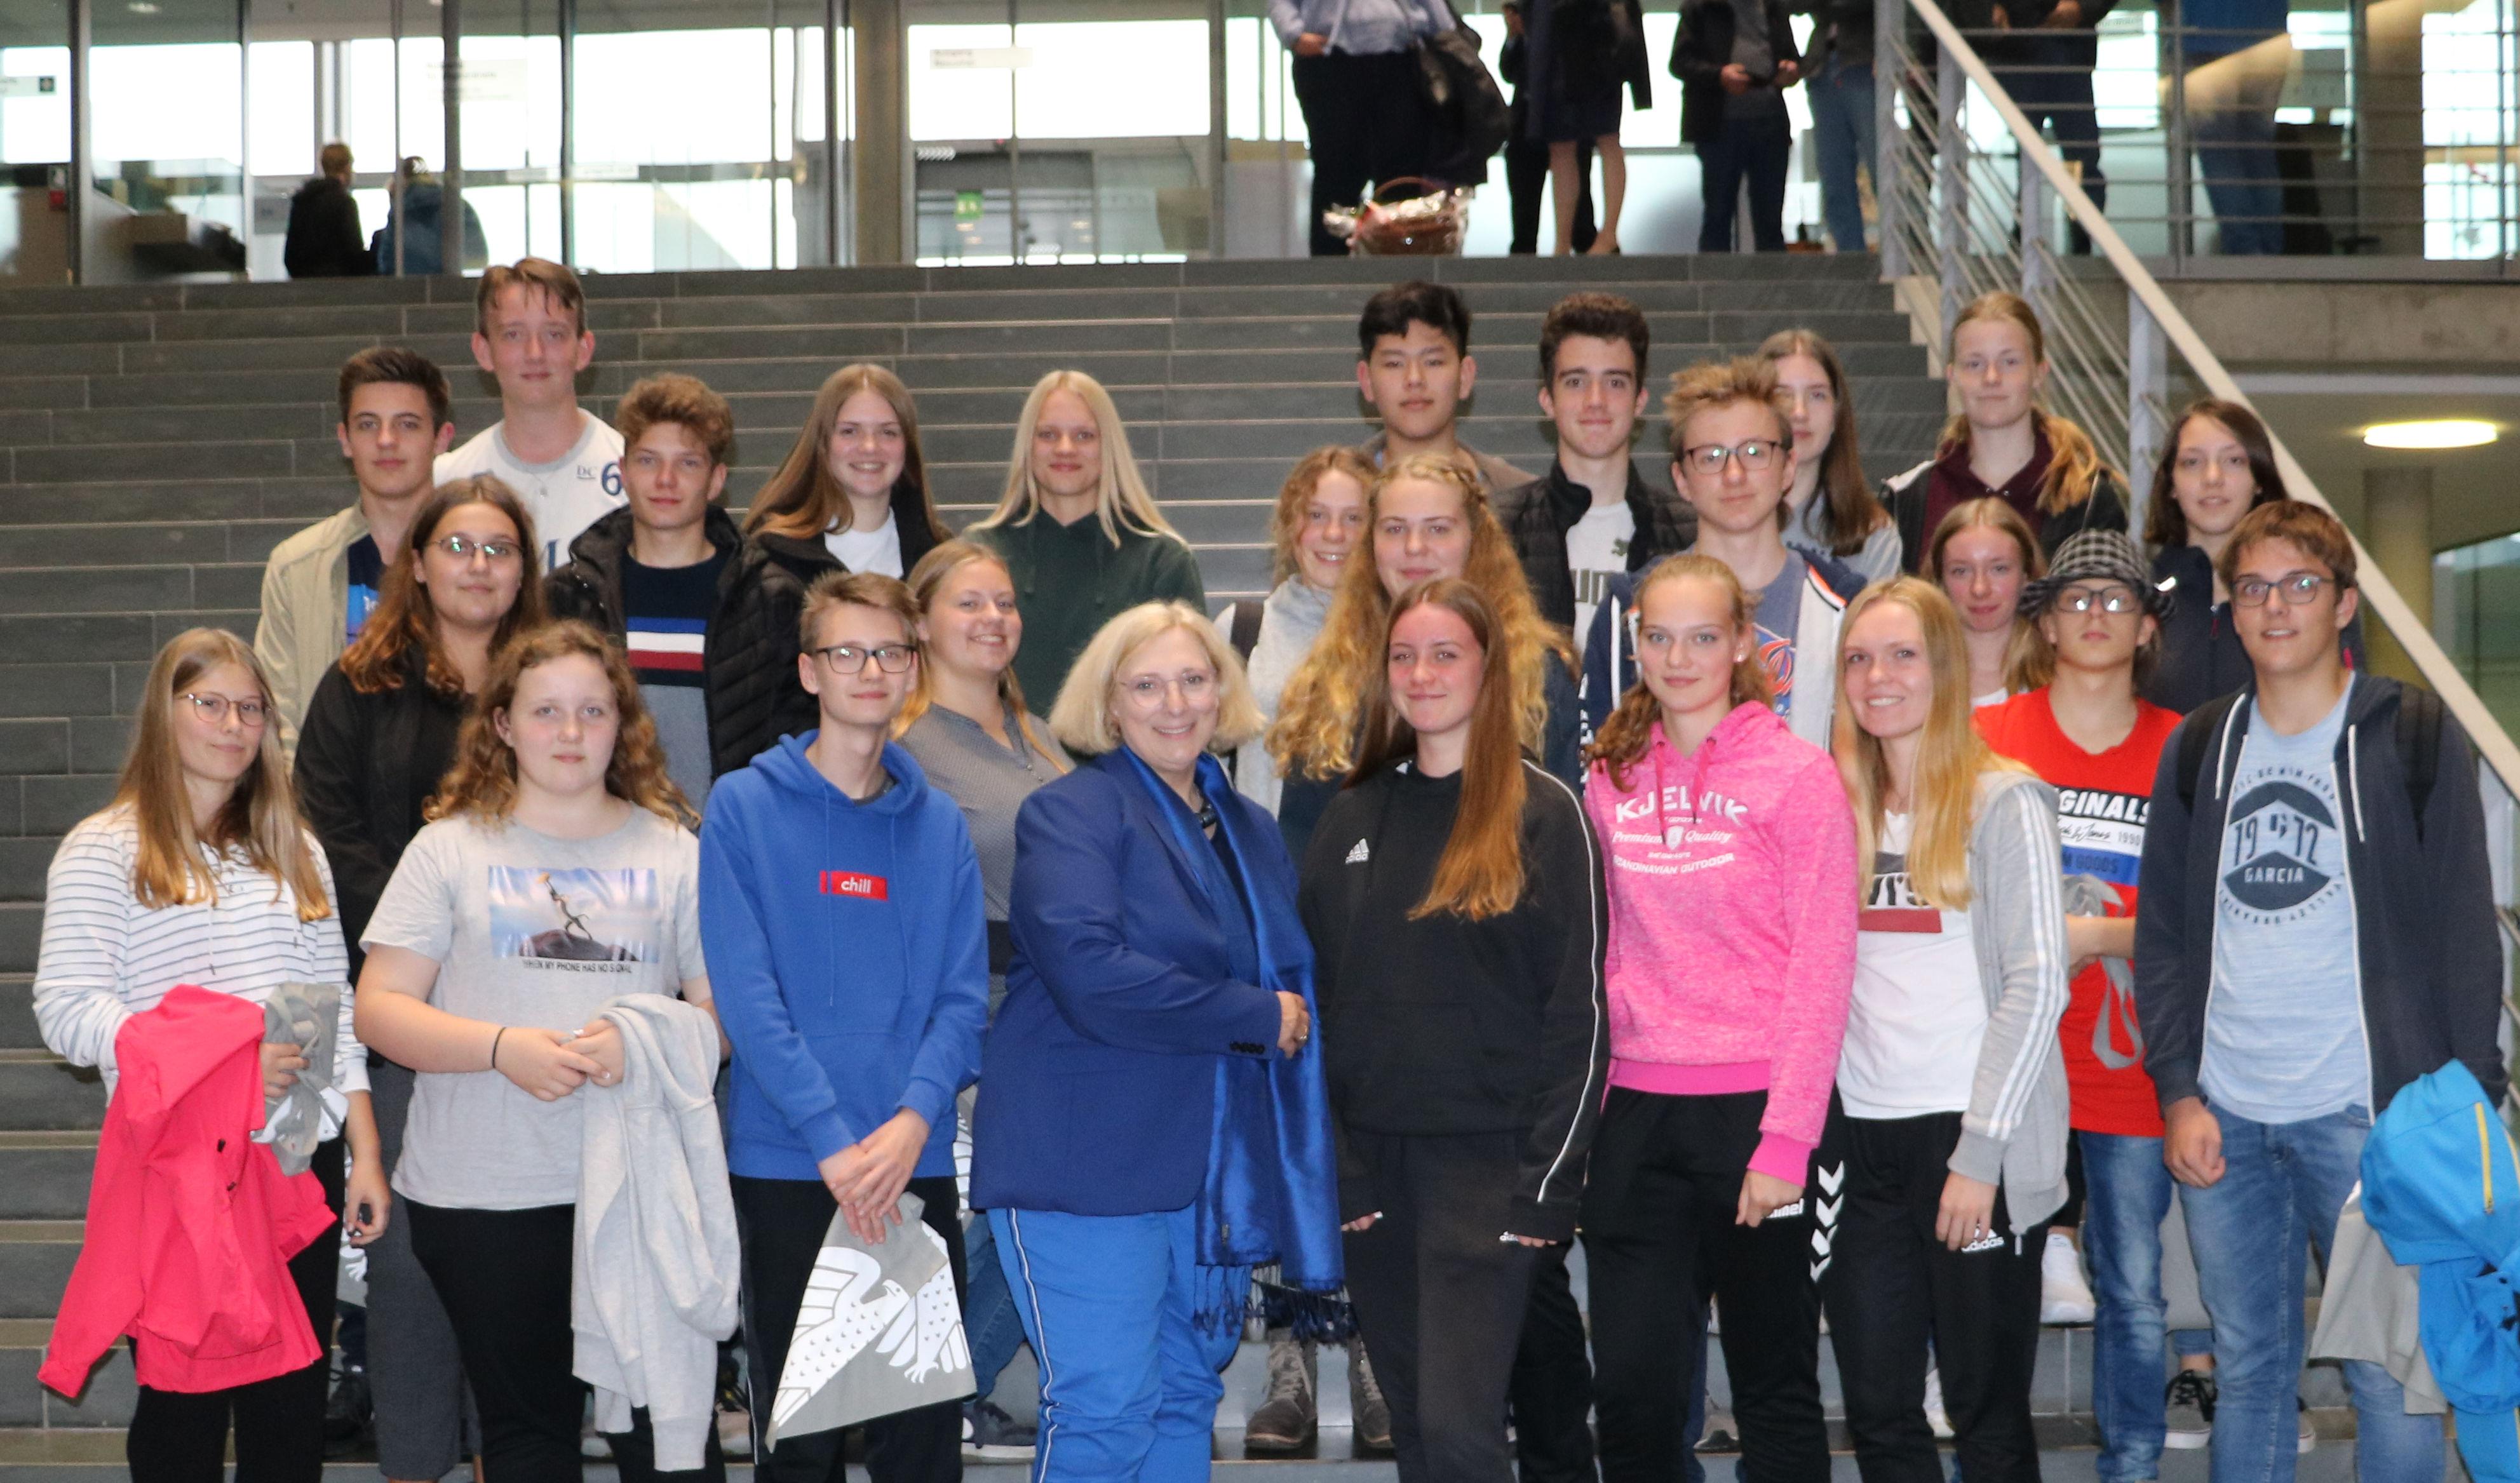 Dr. Daniela De Ridder und eine Schulklasse des Lise-Meitner-Gymnasiums